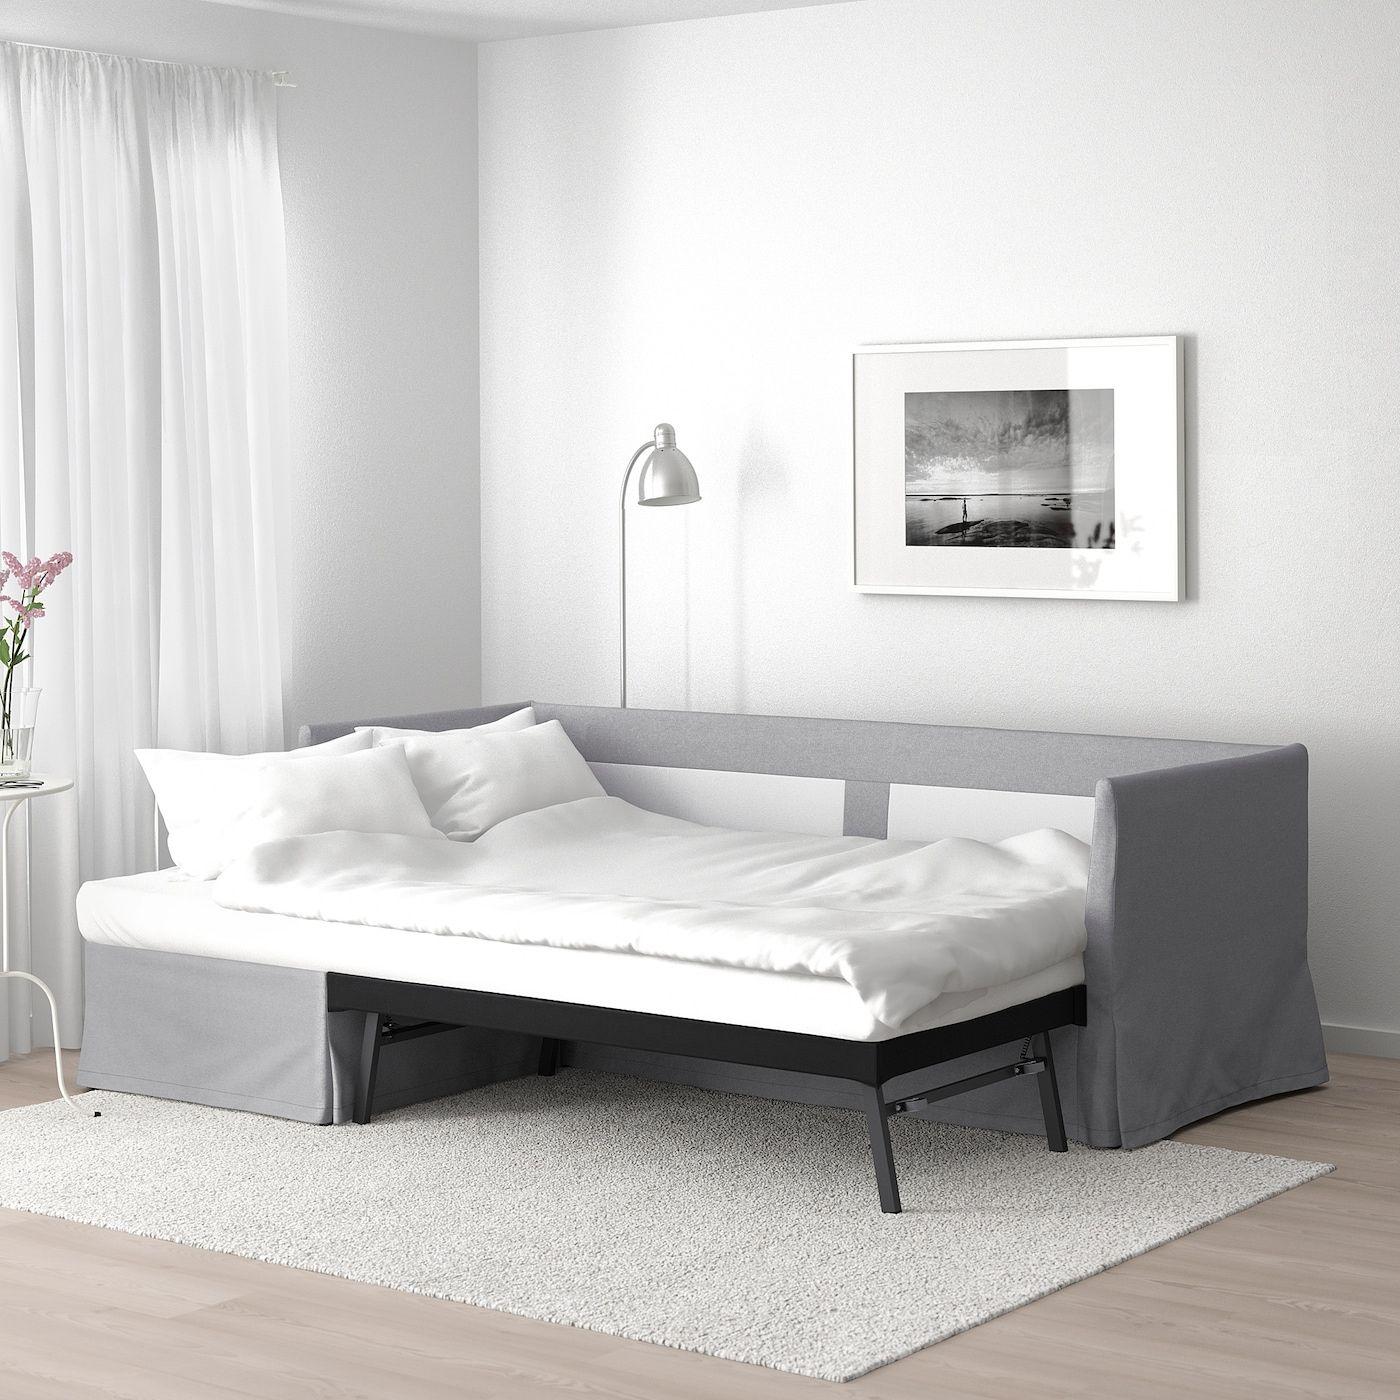 Mobili Bassi Ikea Soggiorno sandbacken divano letto angolare - frillestad grigio chiaro